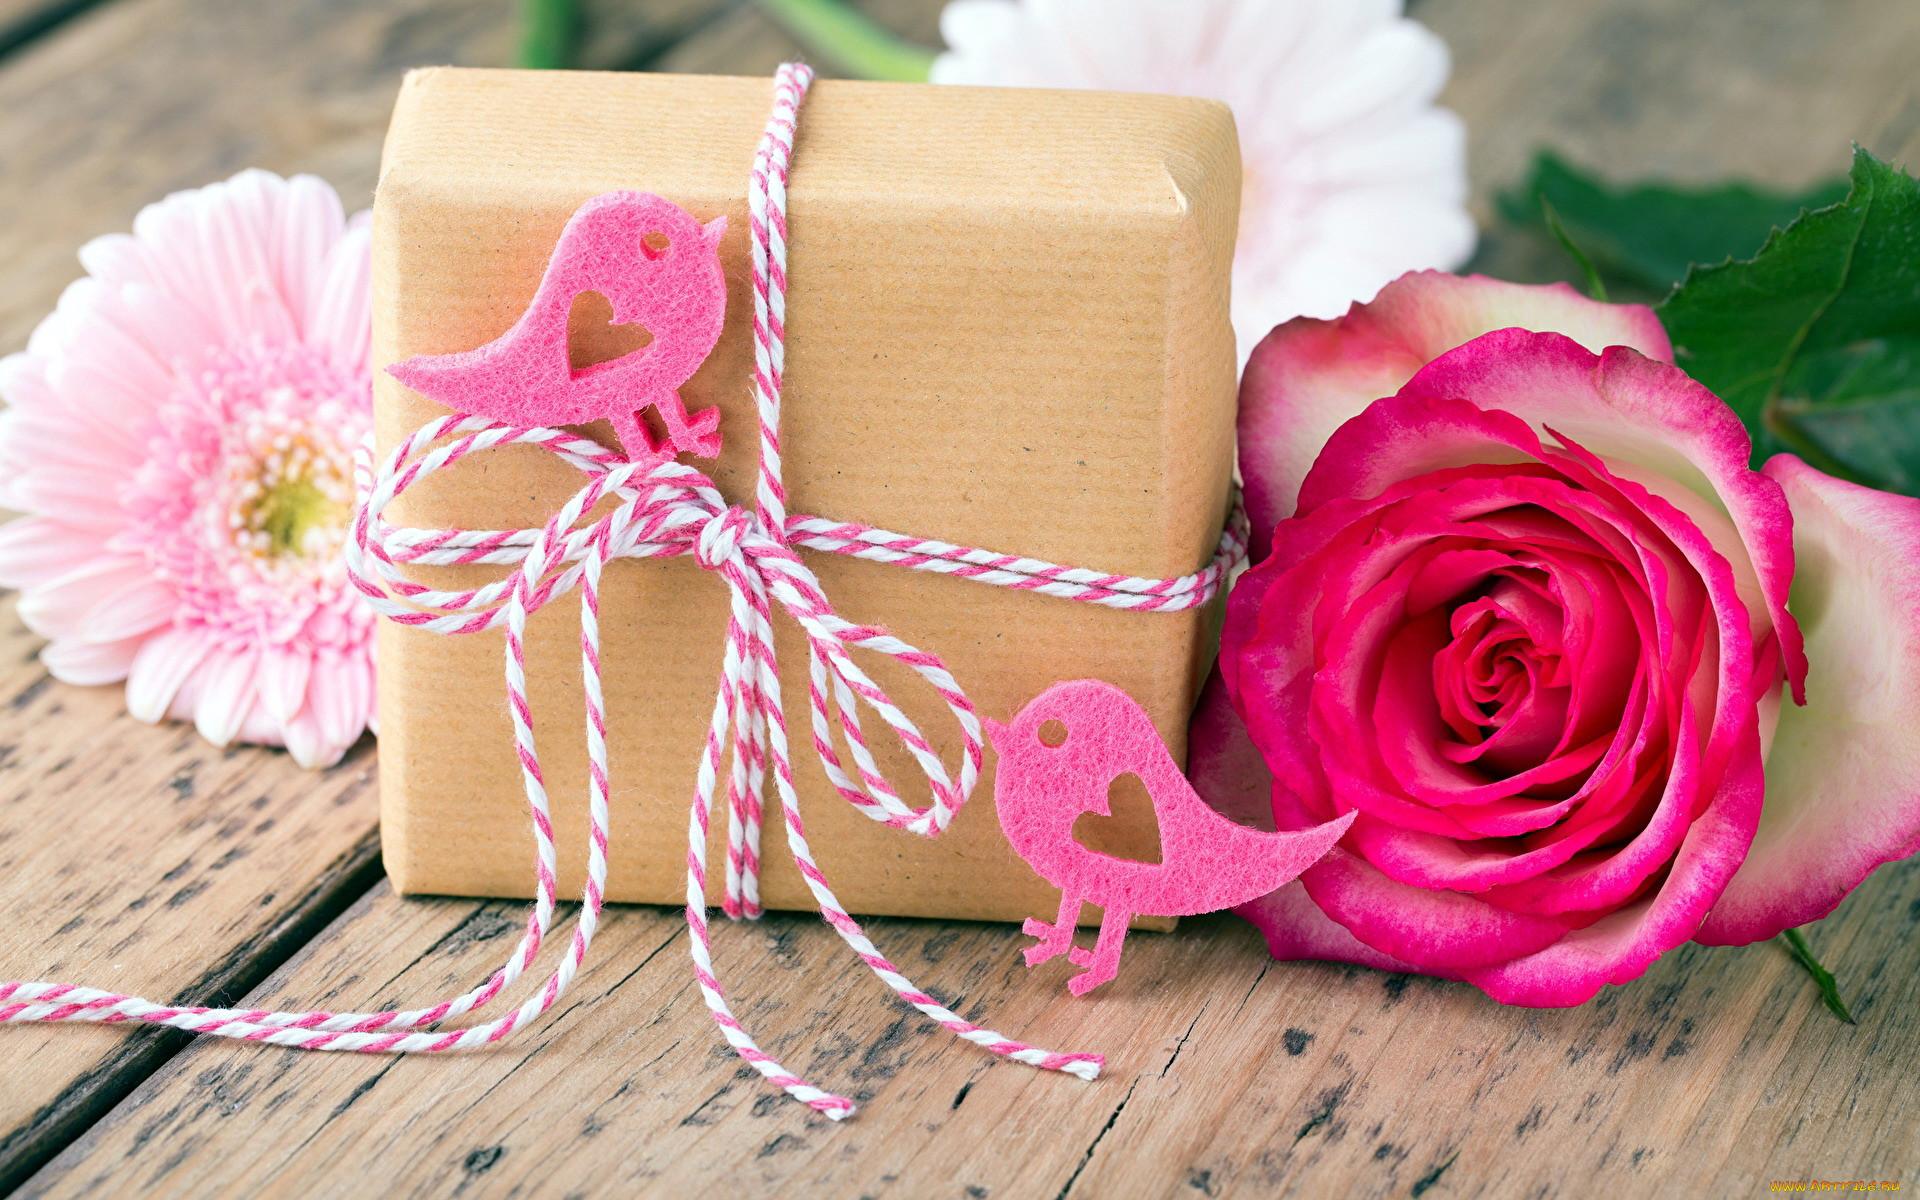 Пивной набор в подарок своими руками фото распродажи